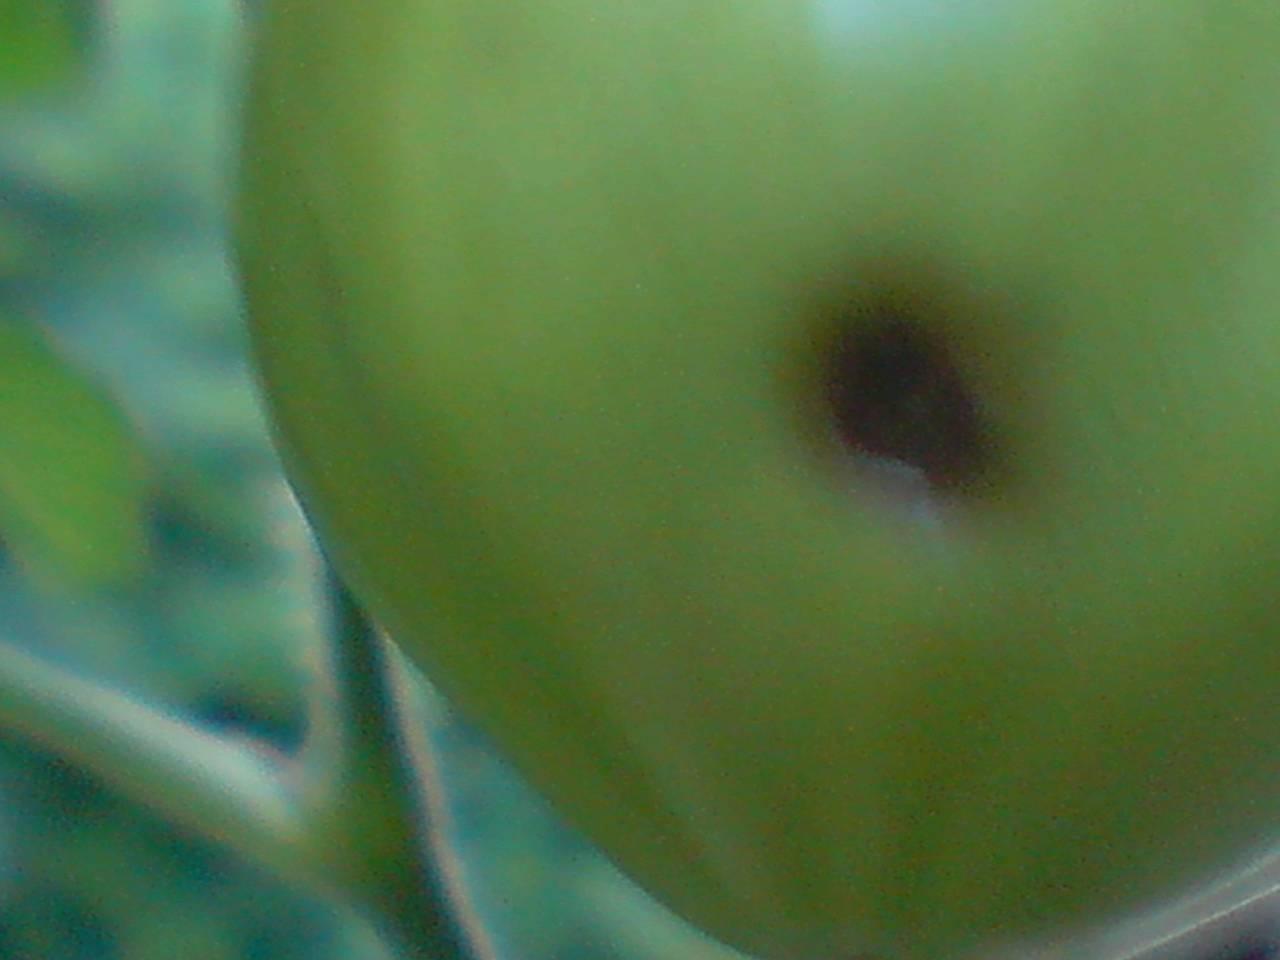 Síntomas en el FRUTO del tomate: manchas, podredumbres, rajado, etc.